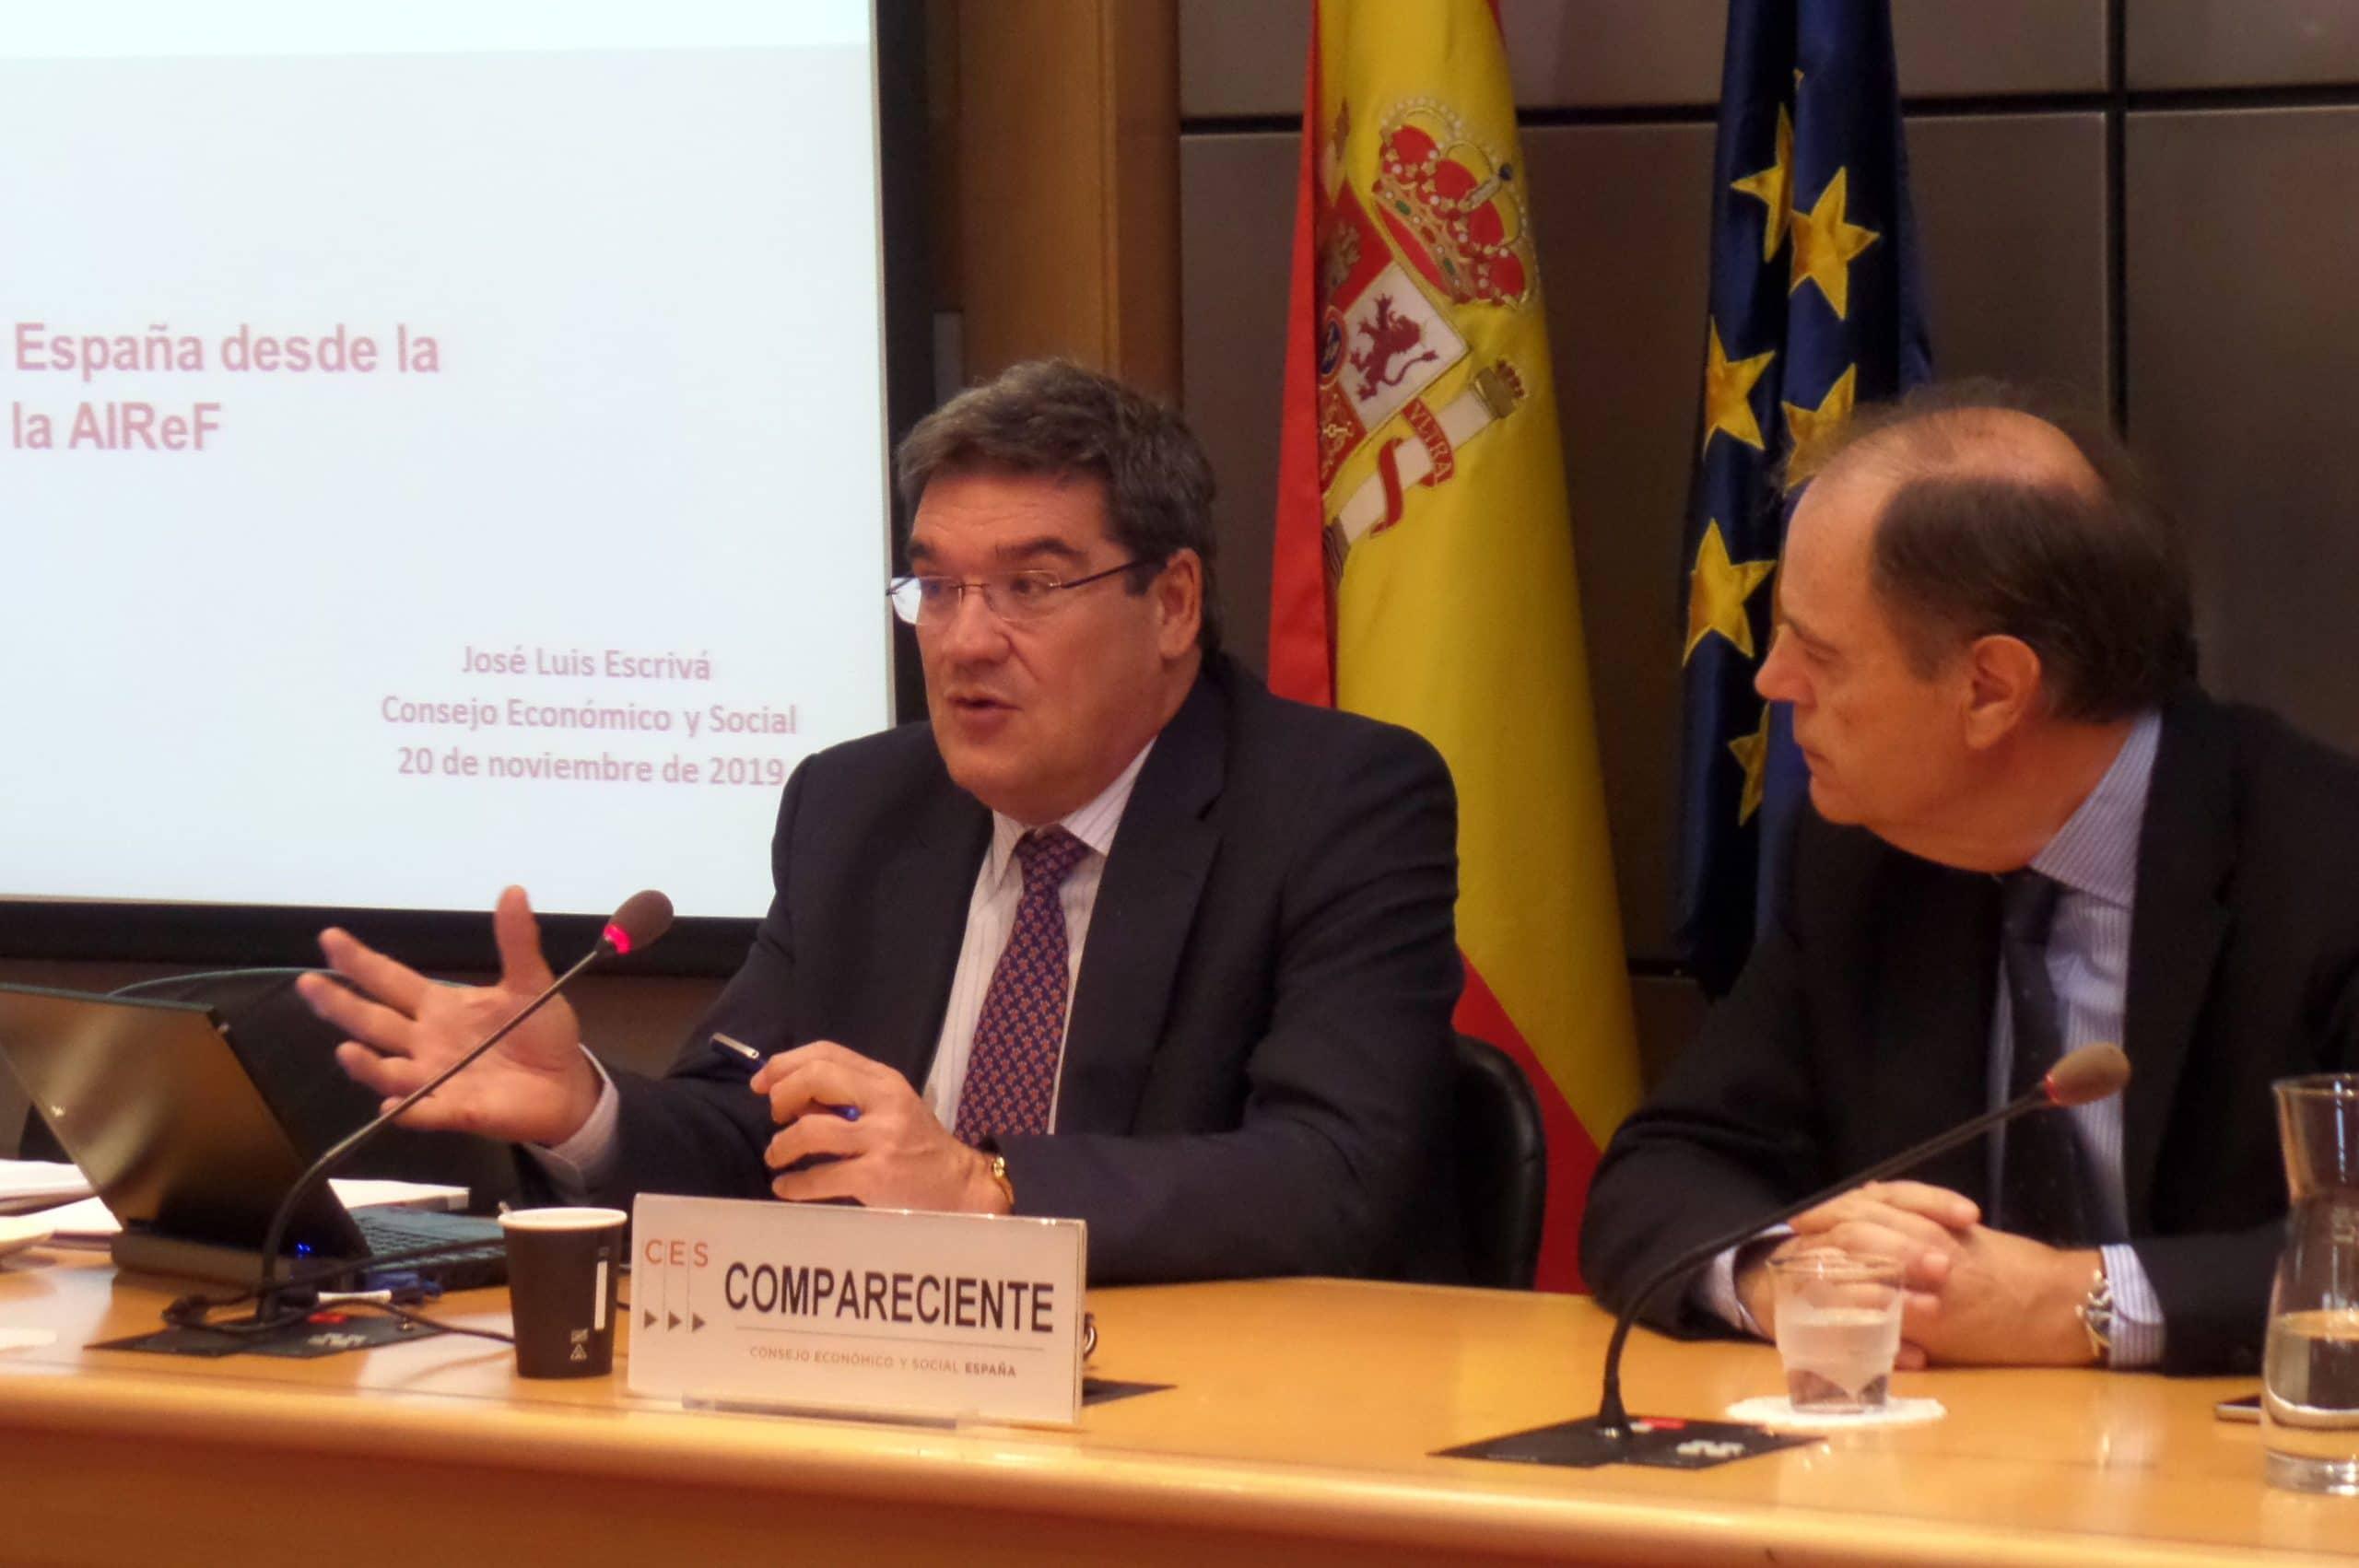 José Luis Escrivá durante la charla en el Consejo Económico y Social